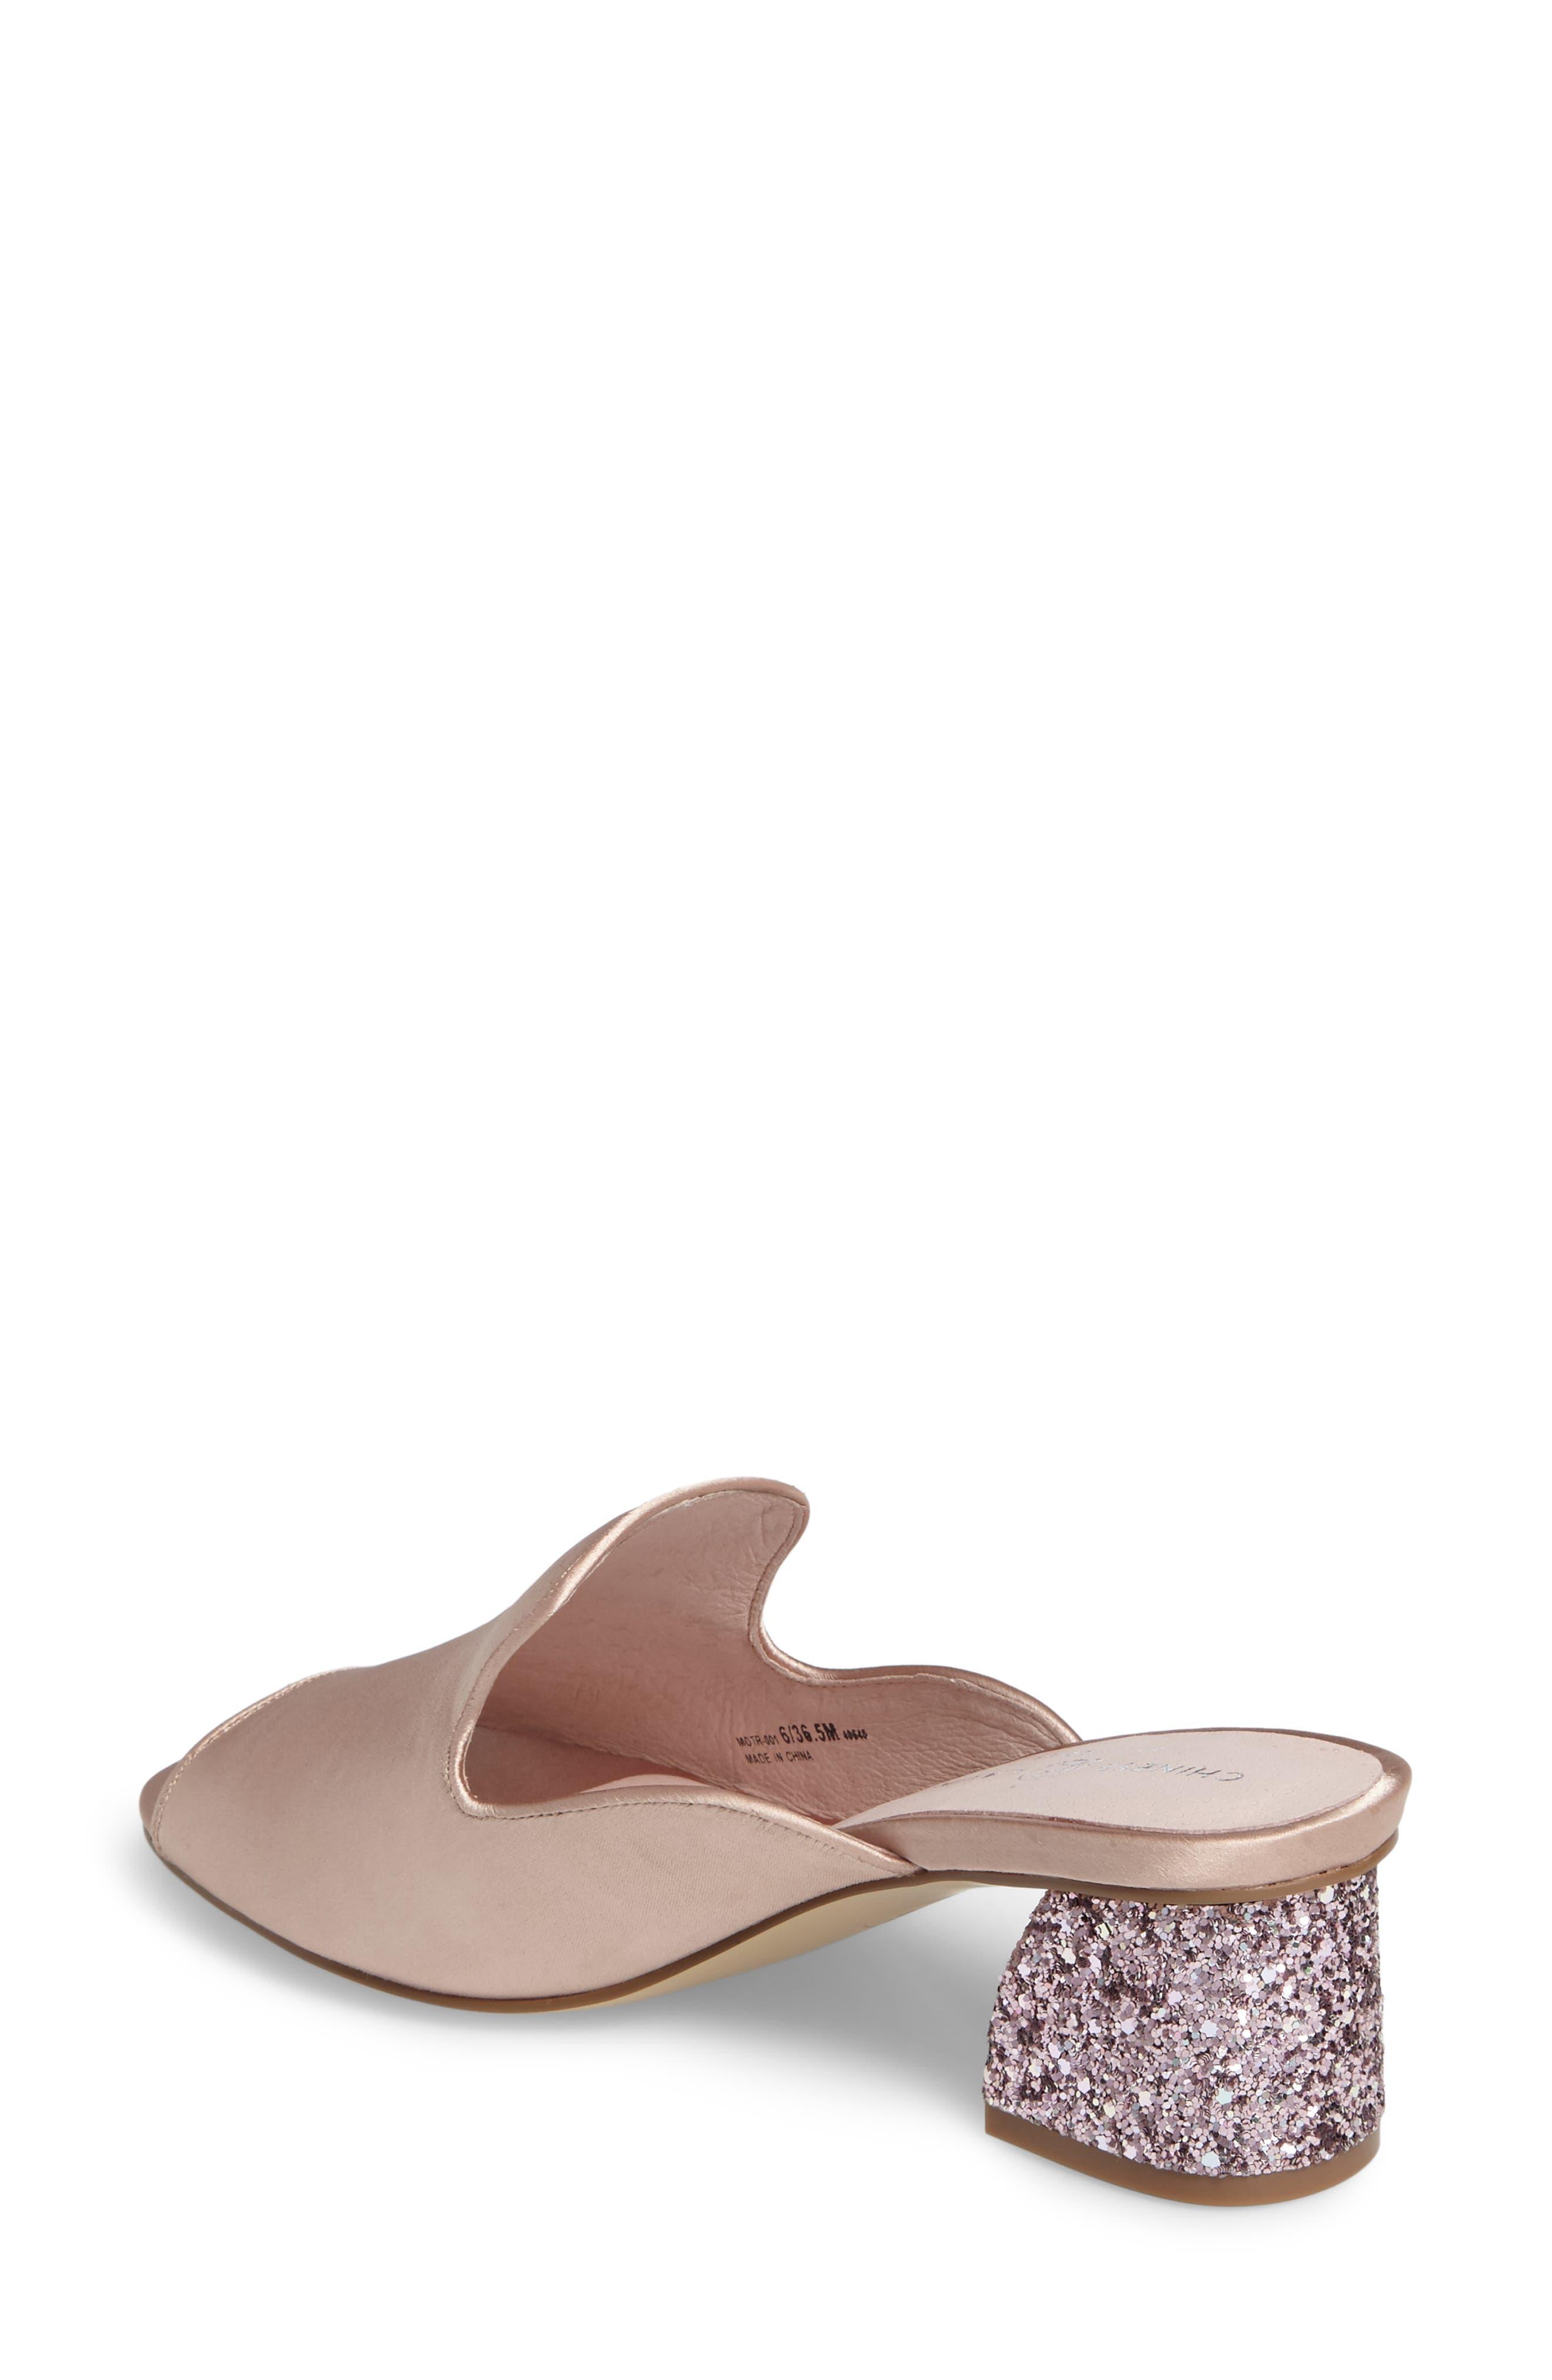 Mara Glitter Loafer Mule,                             Alternate thumbnail 4, color,